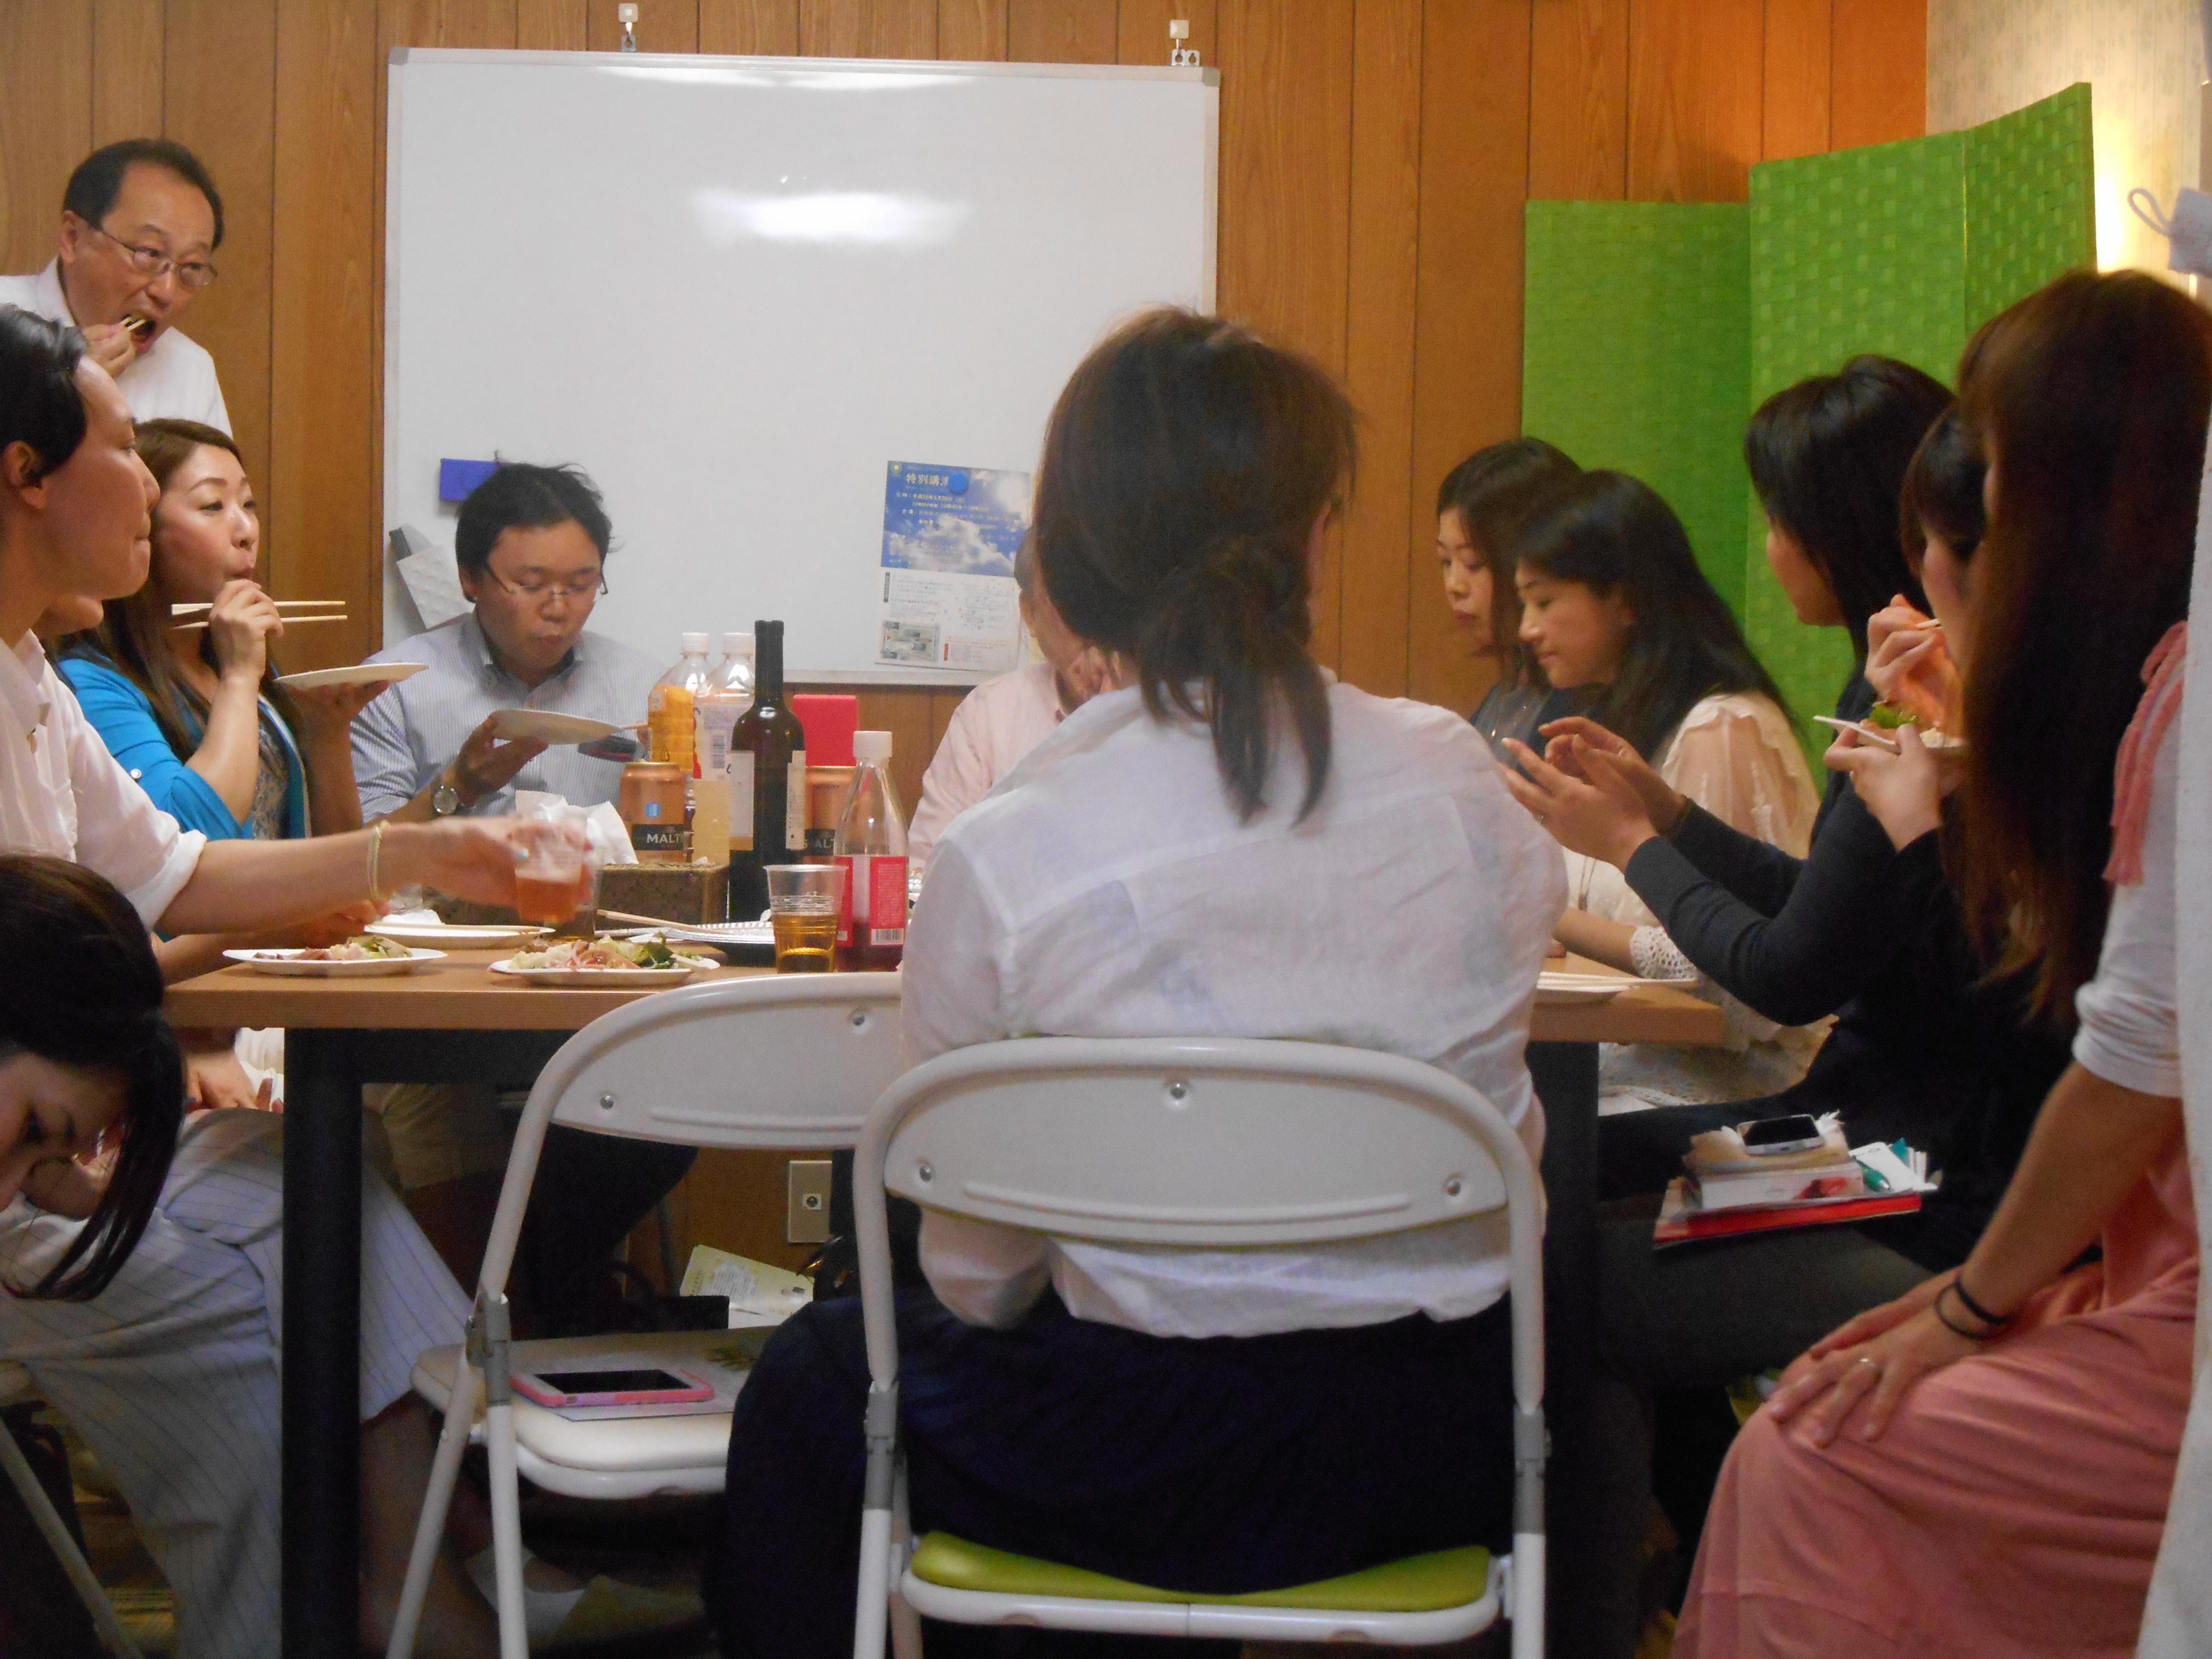 DSCN1650 - 愛の子育て塾14期第4講座